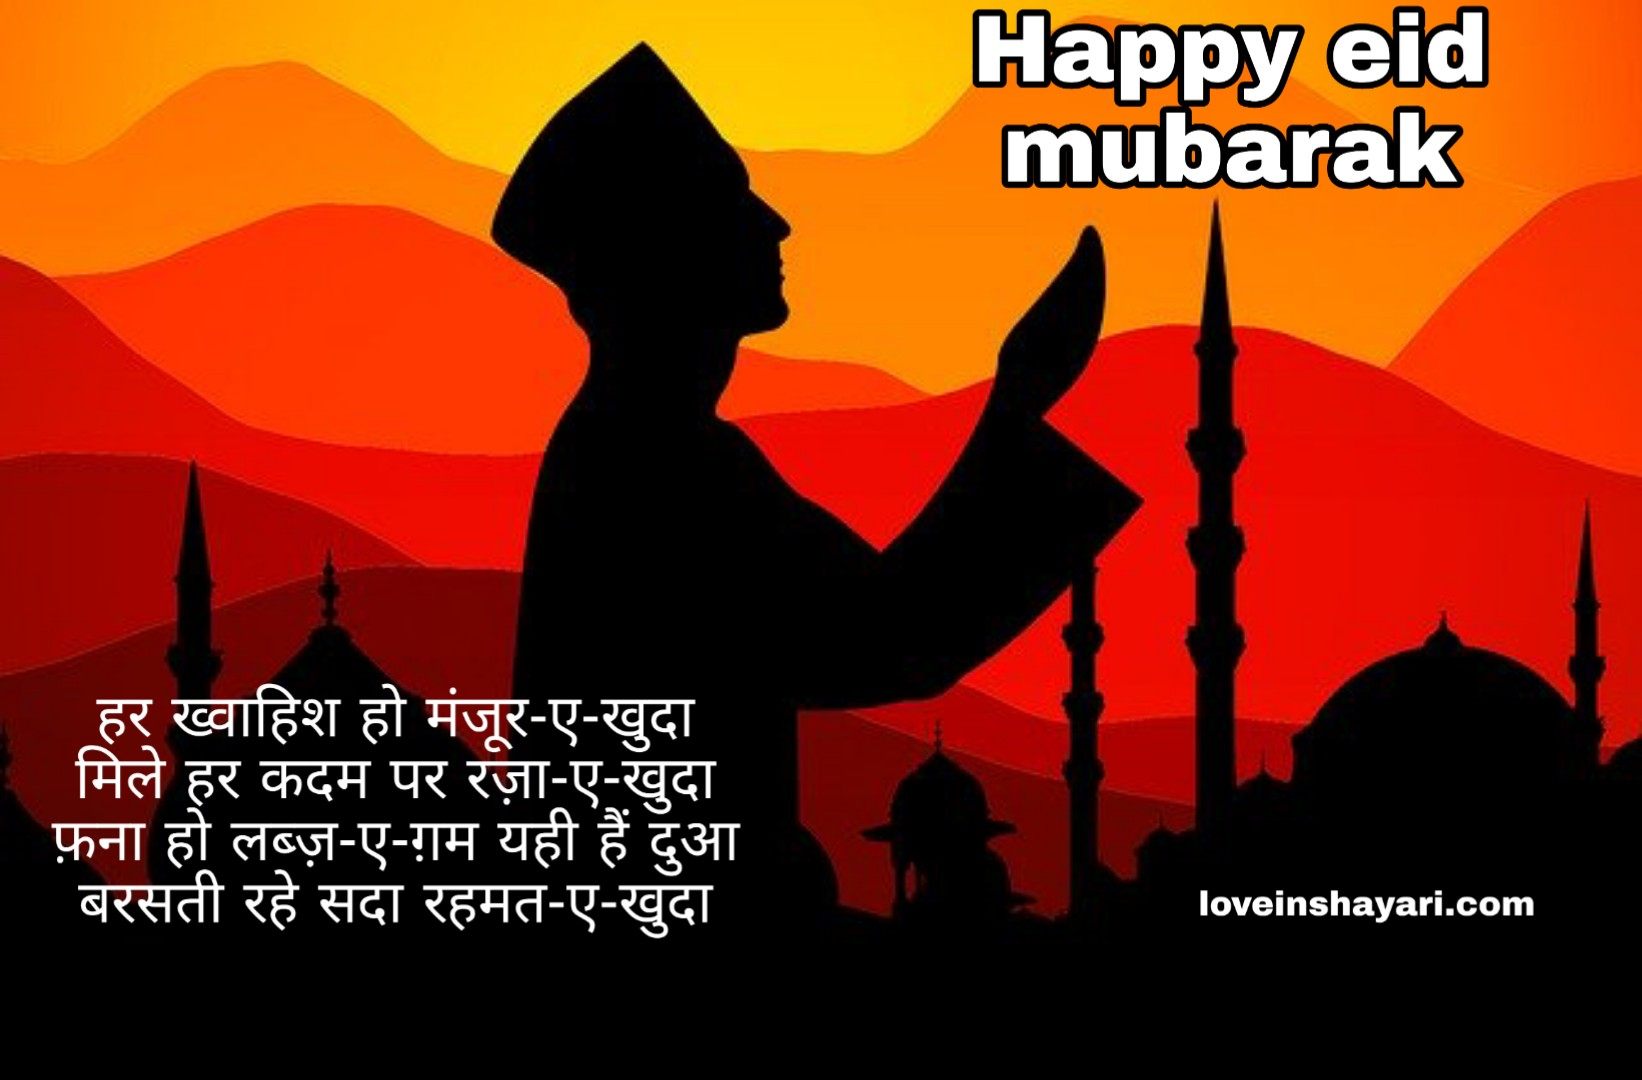 Bakra eid mubarak shayari wishes quotes messages